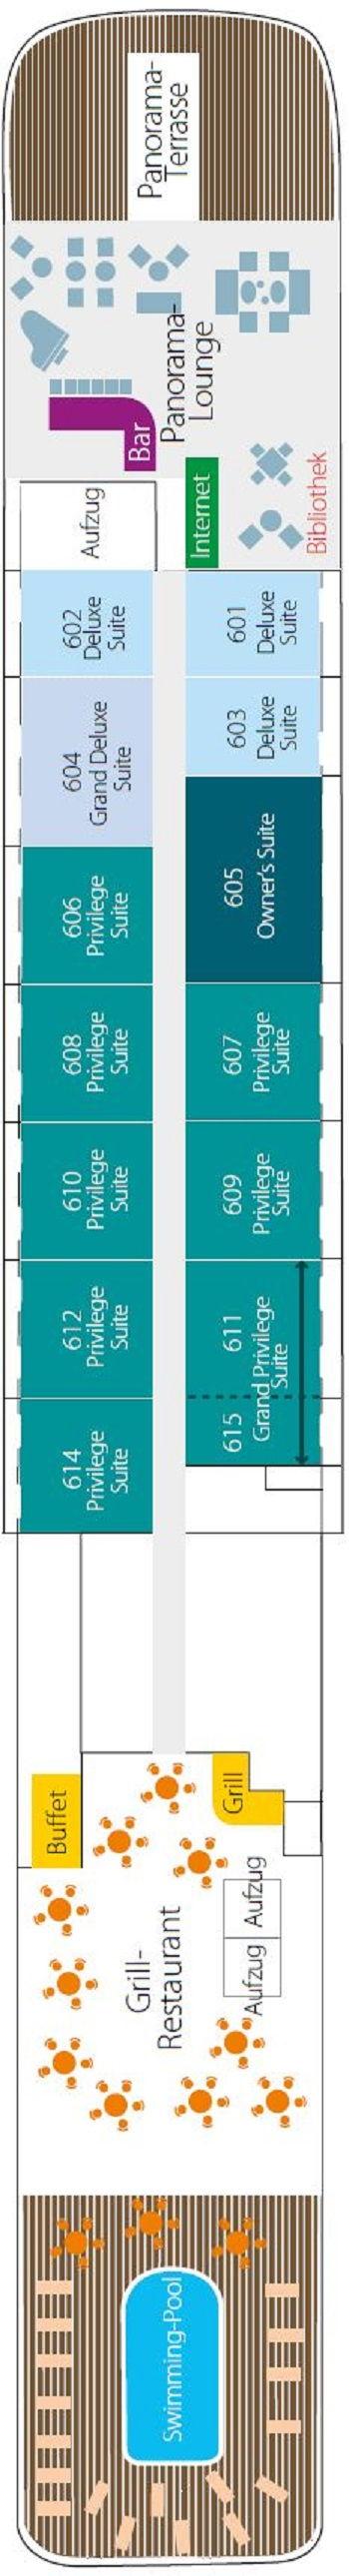 Le Lyrial - Deck 6